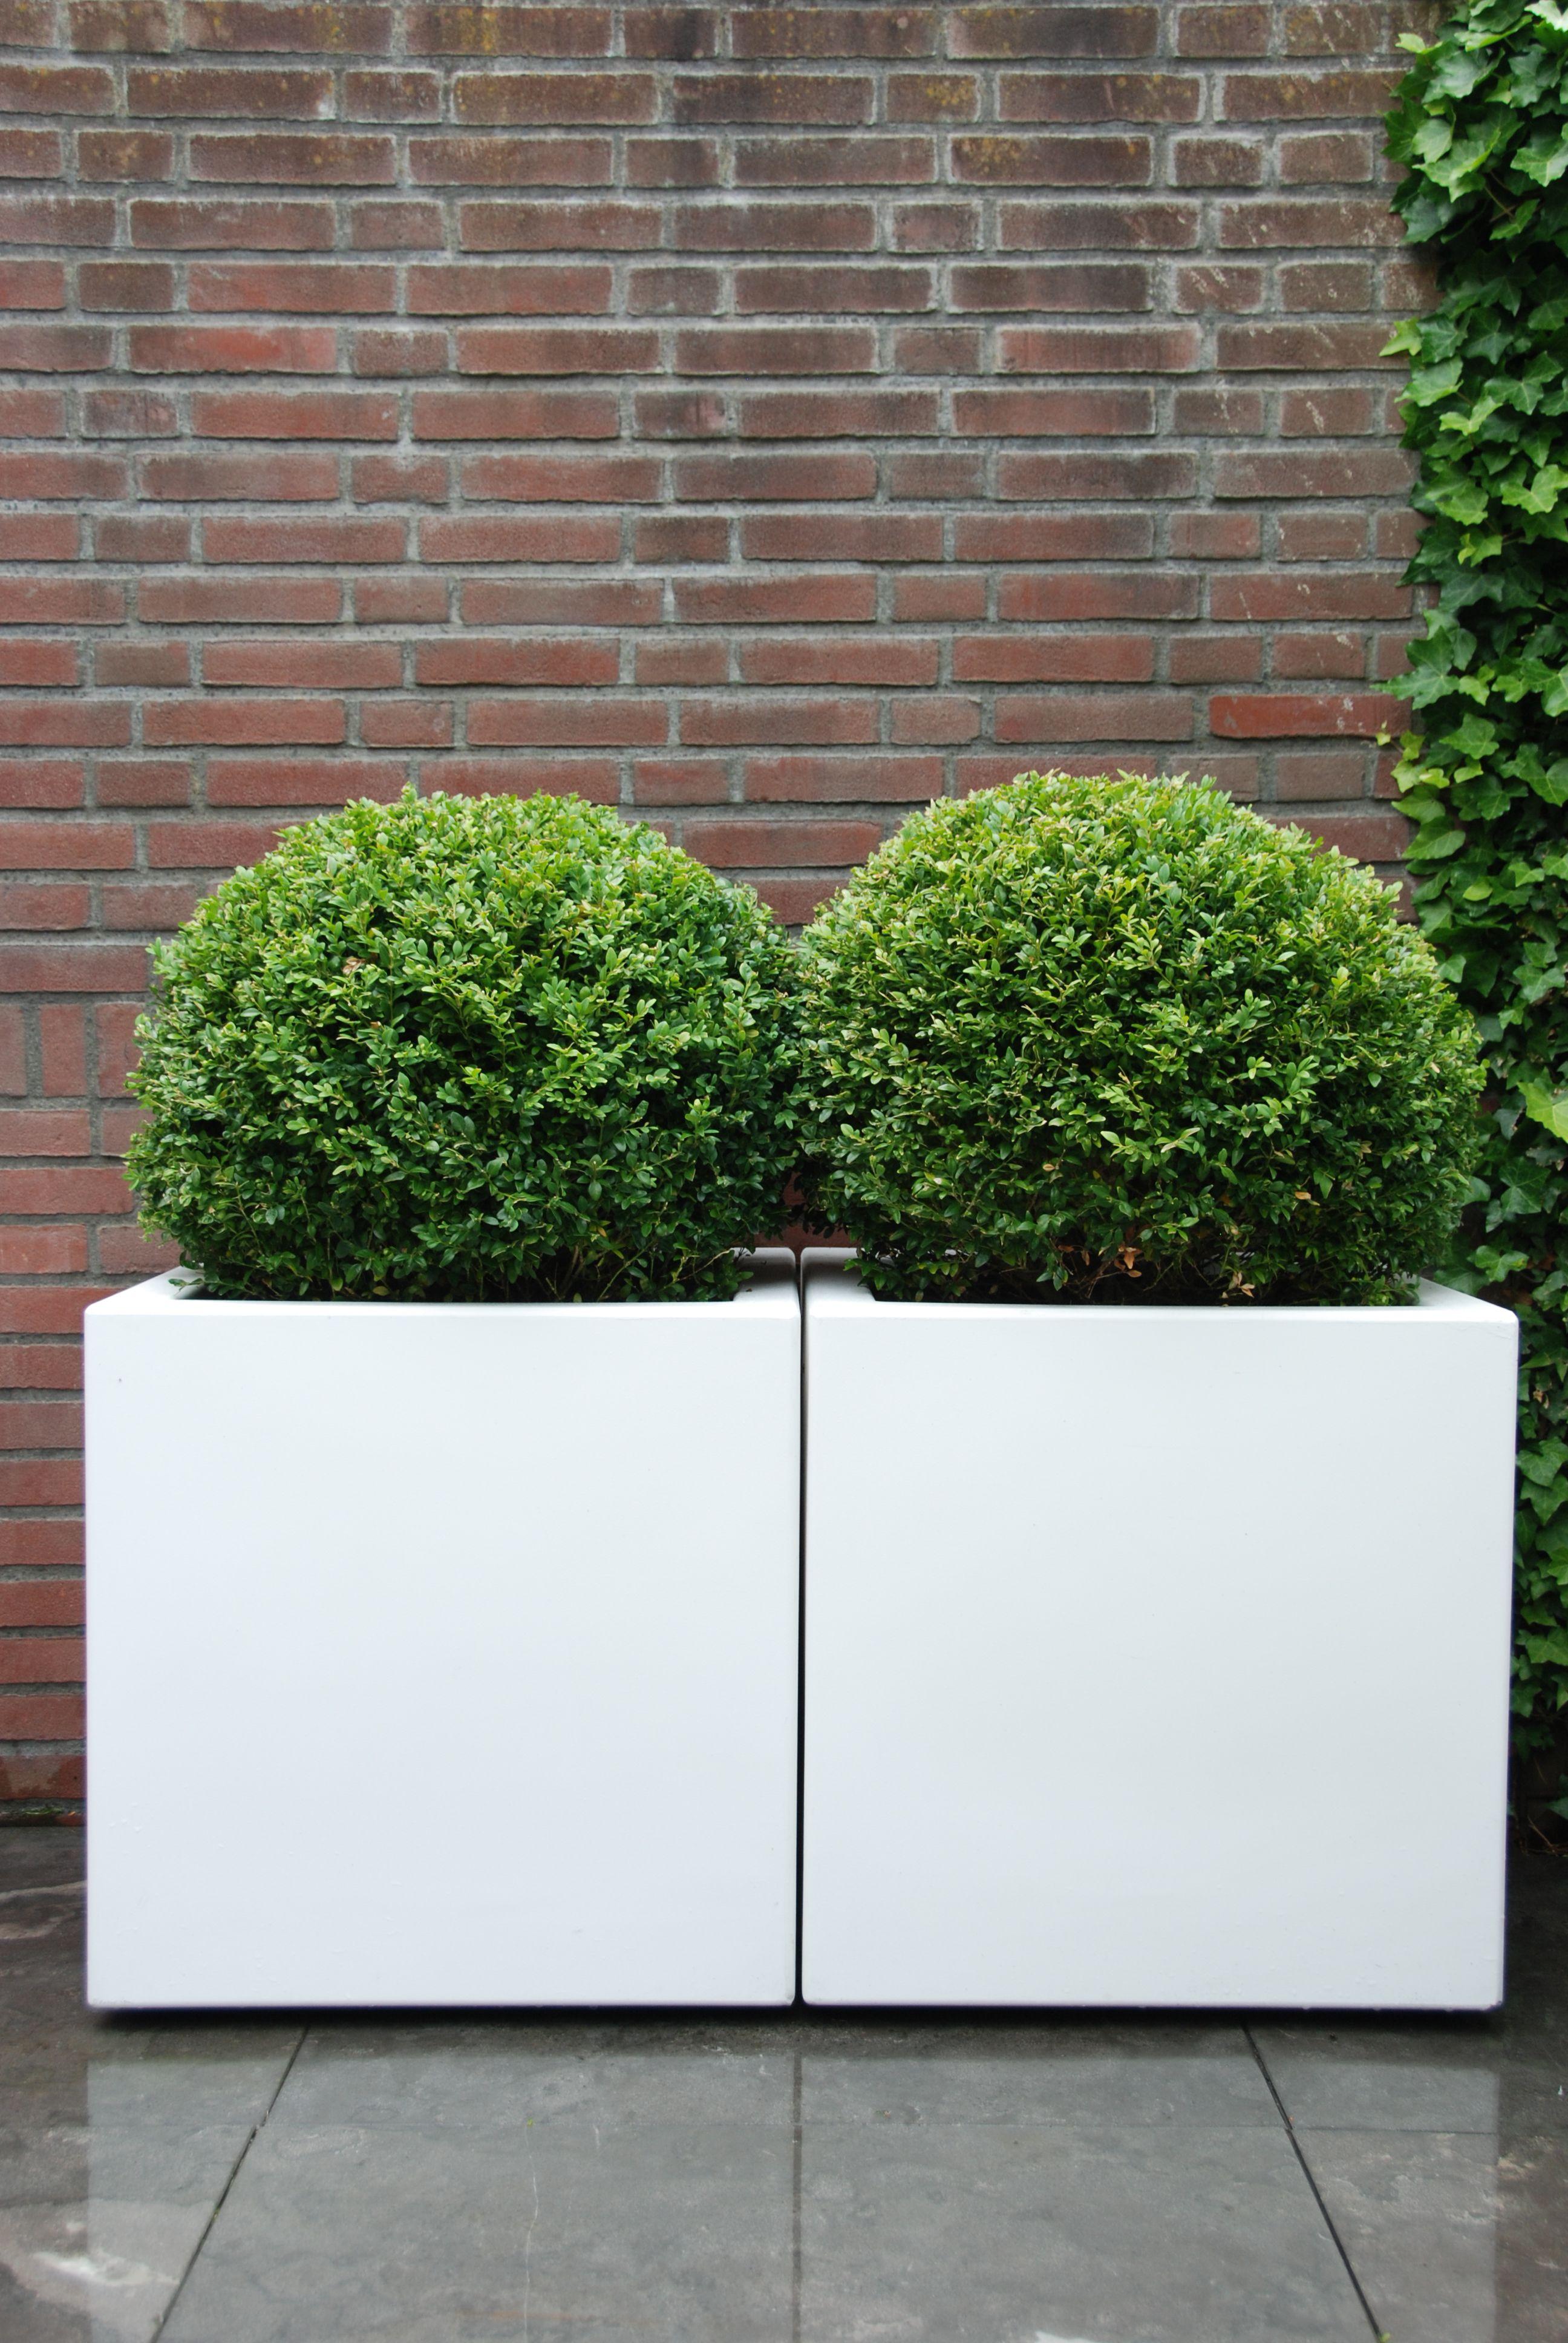 Witte vierkante bakken met buxus